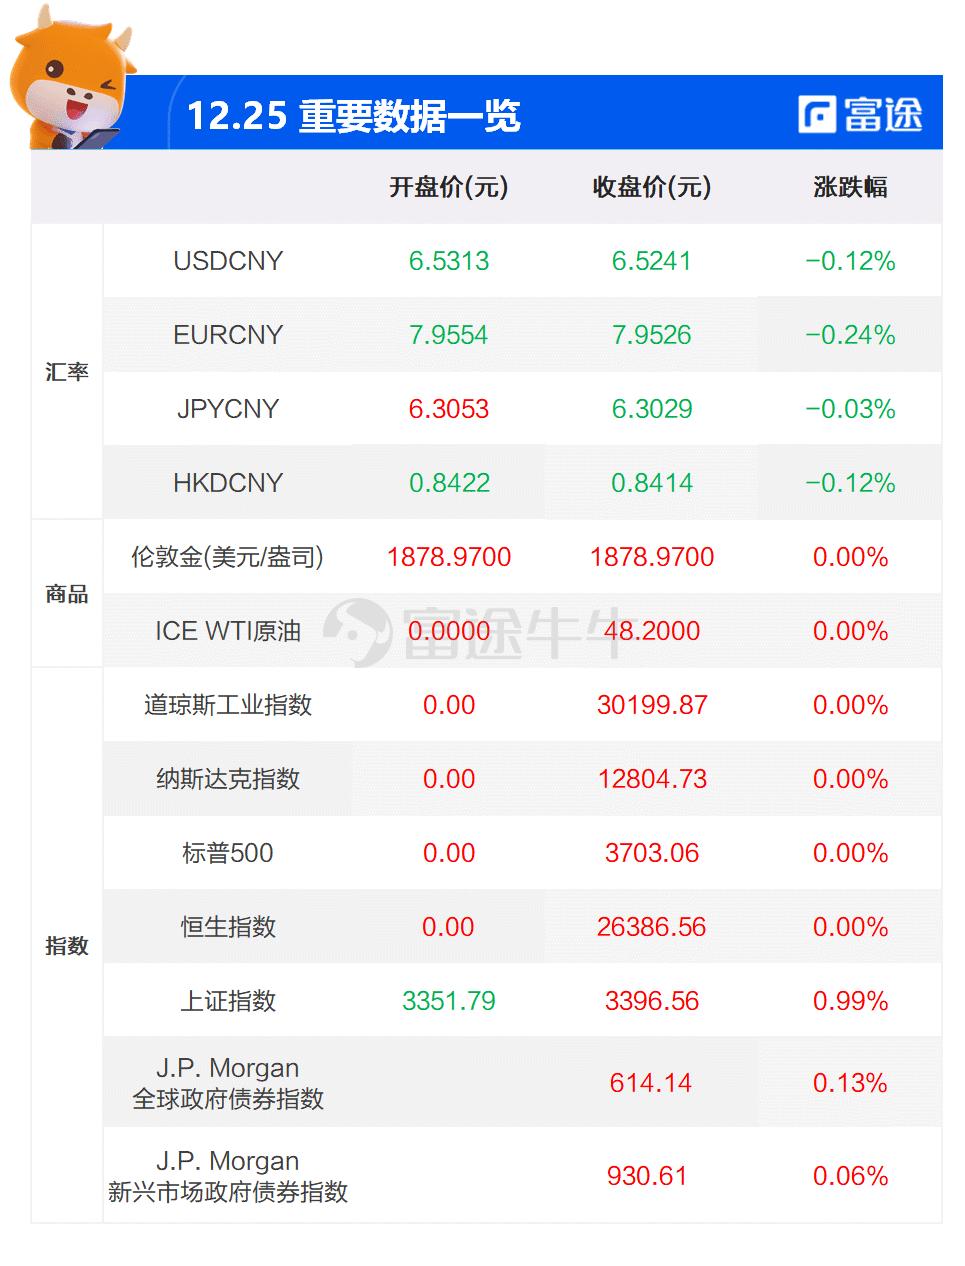 大象财富日报 | 先锋领航:未来十年美股的投资回报将低于国际股市